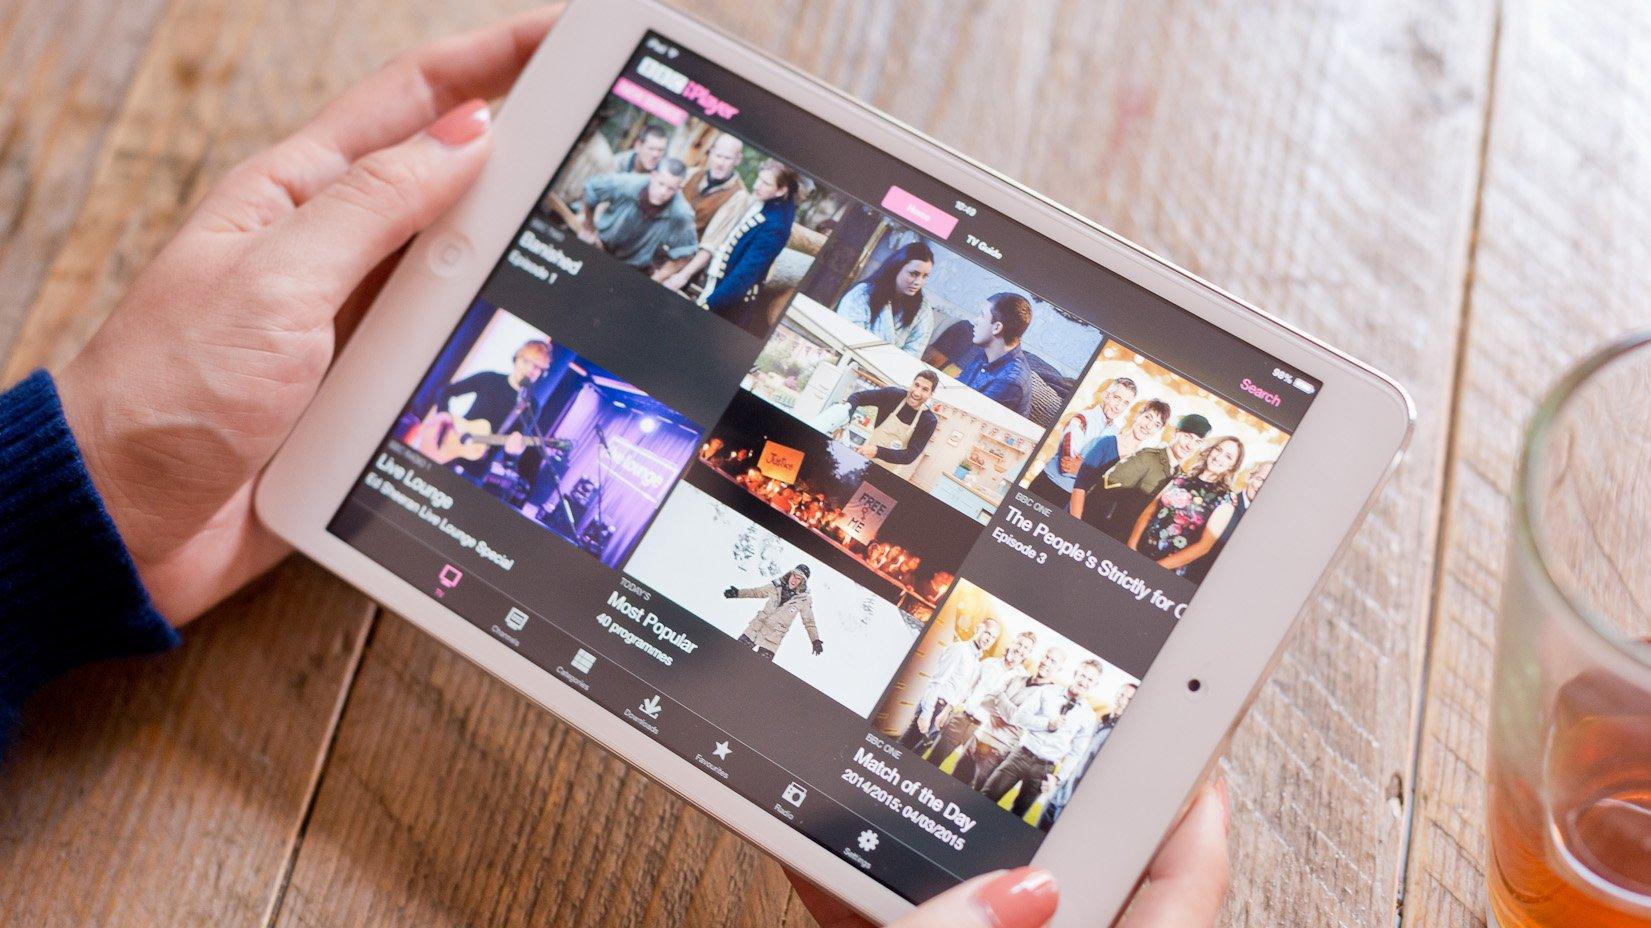 Какие форматы видео поддерживает iPad